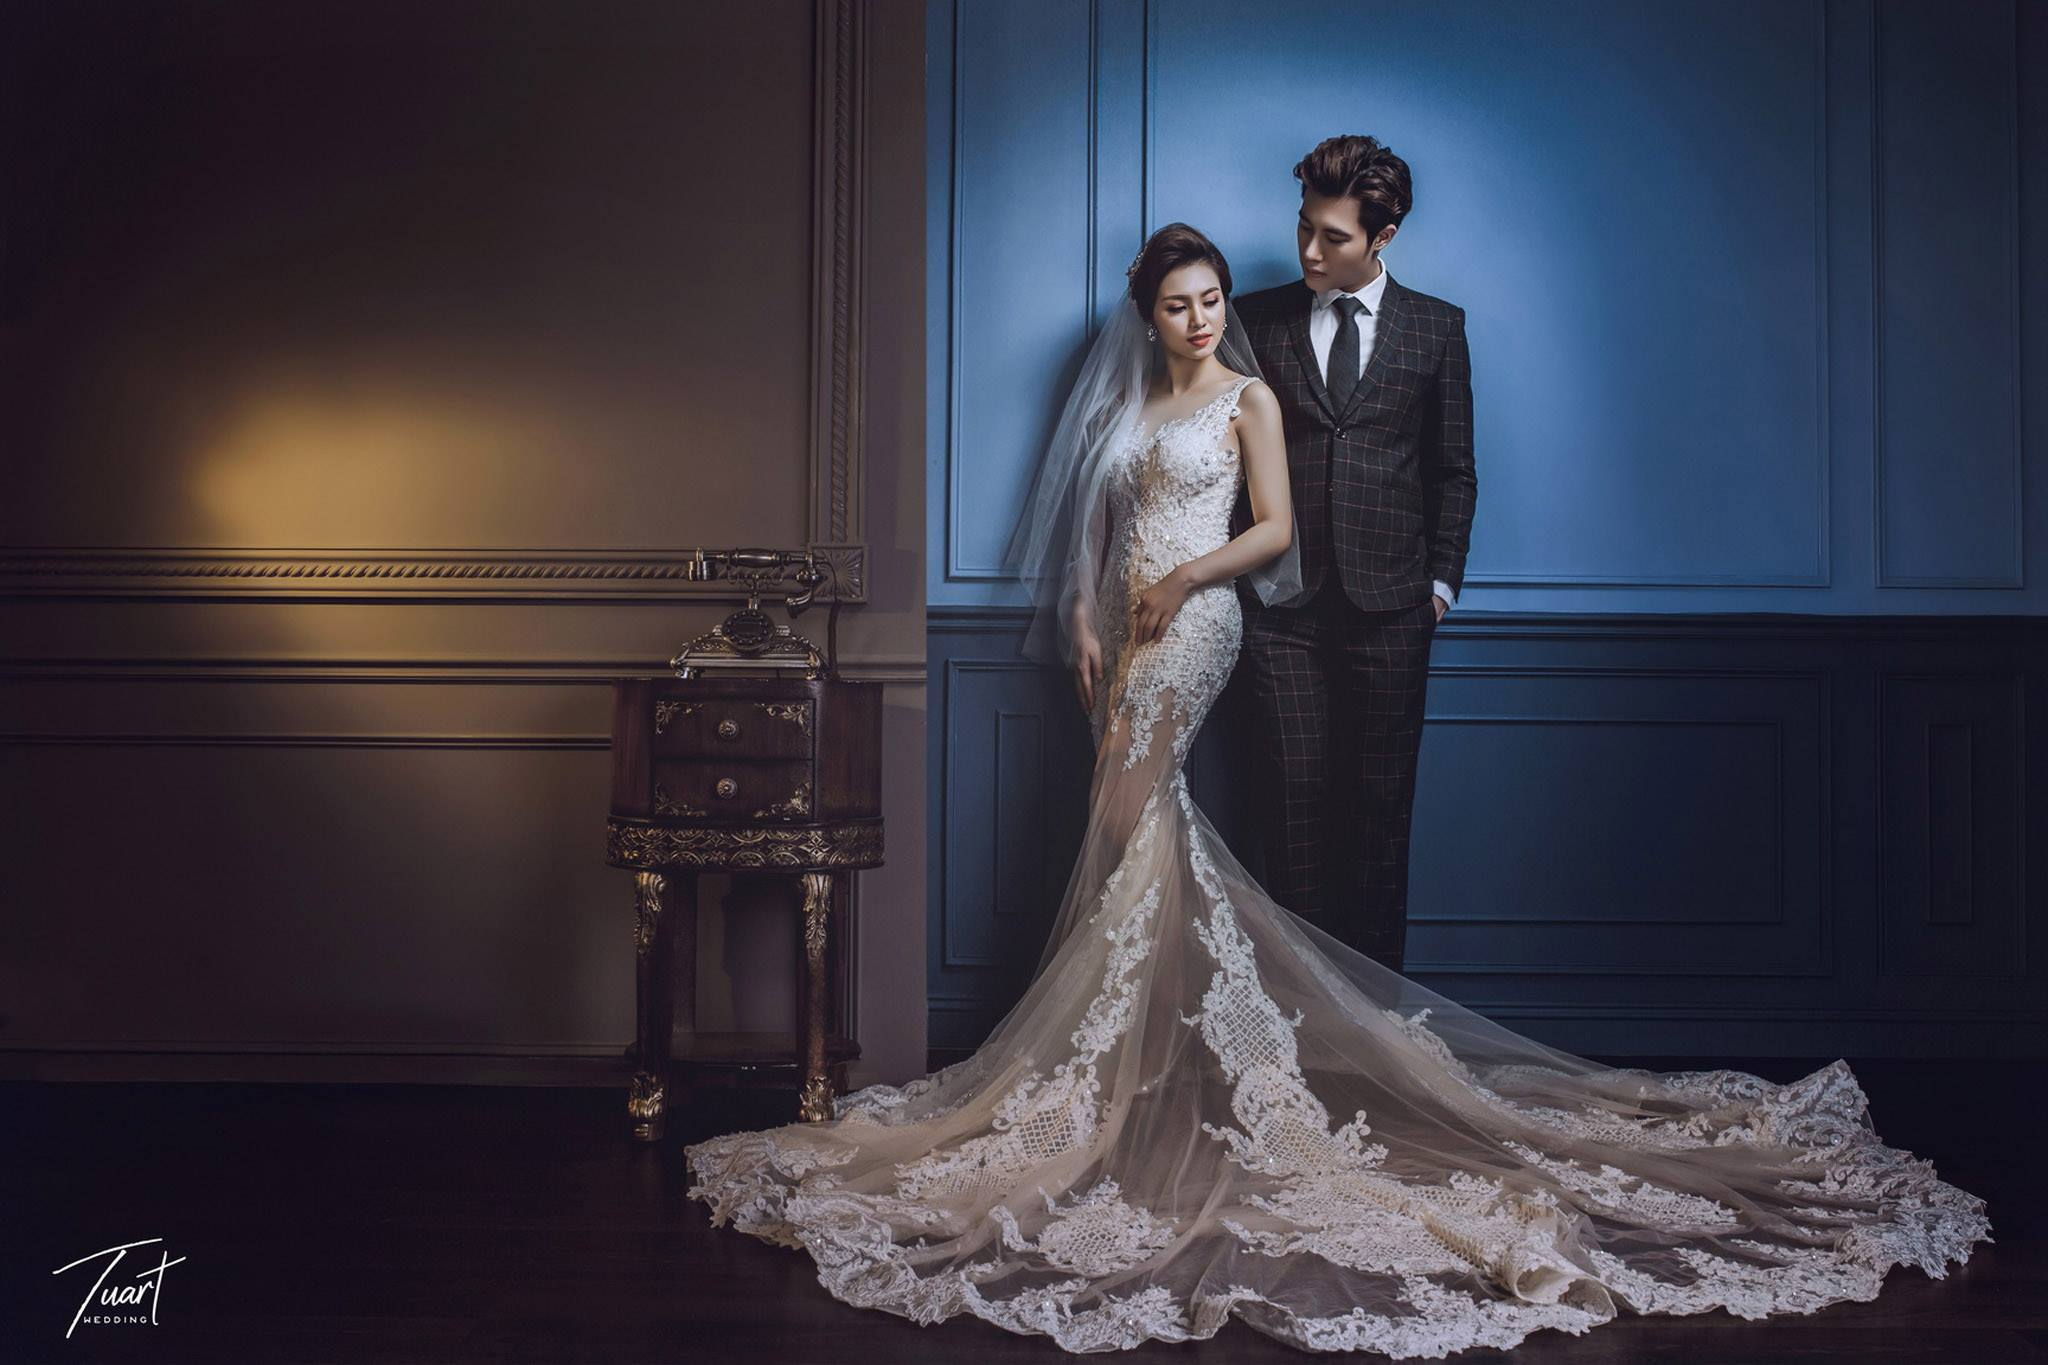 Album tại TuArt : Album chụp ảnh cưới phong cách Hàn Quốc